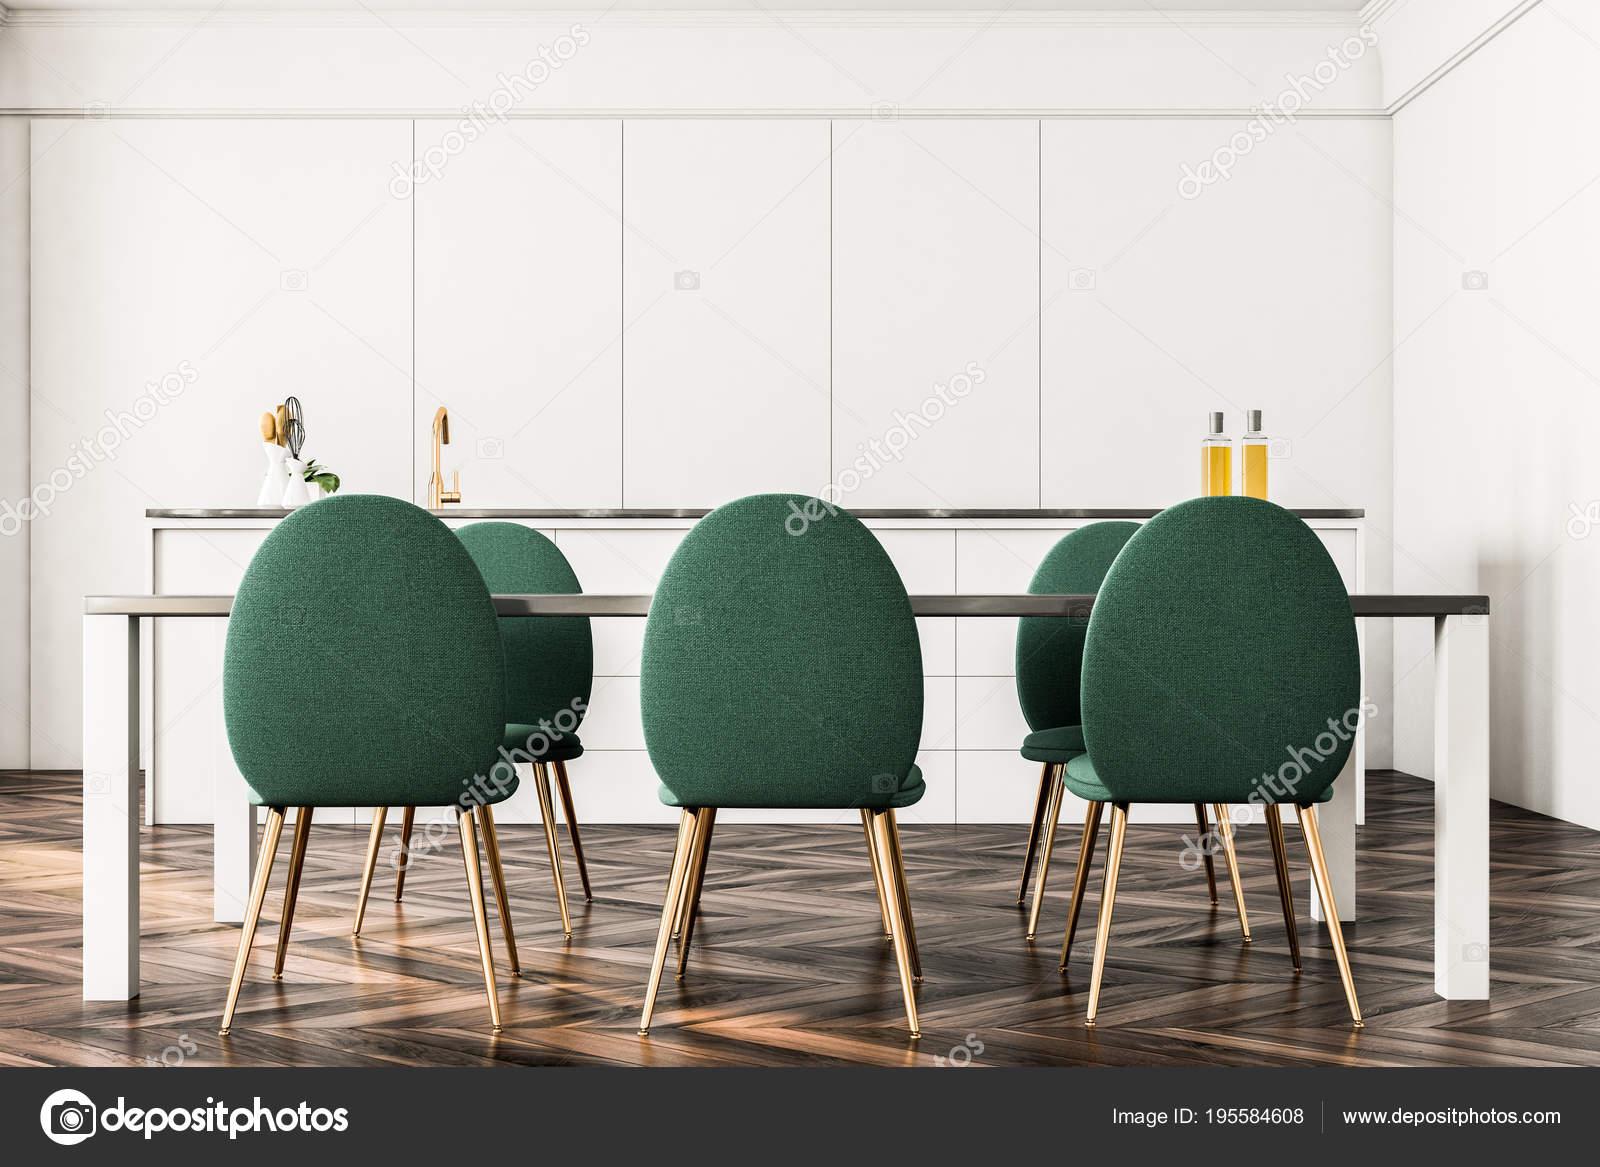 Luxus Esszimmer Interieur Grune Stuhle Vorne Stockfoto